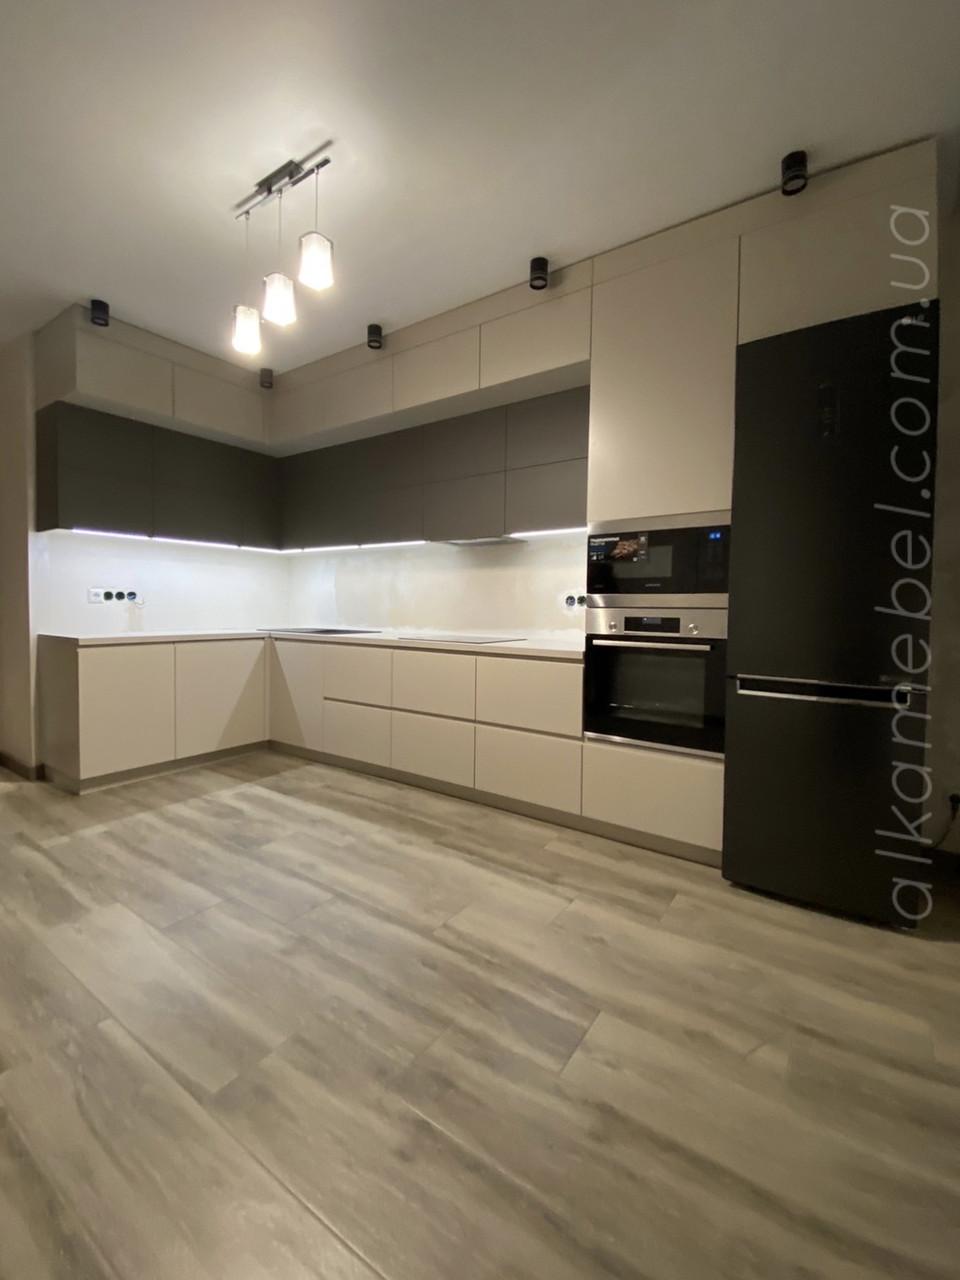 Кухня на замовлення в сучасному стилі. Кухня під стелю. Кухня двухярусна. Кухня 2021 року модель